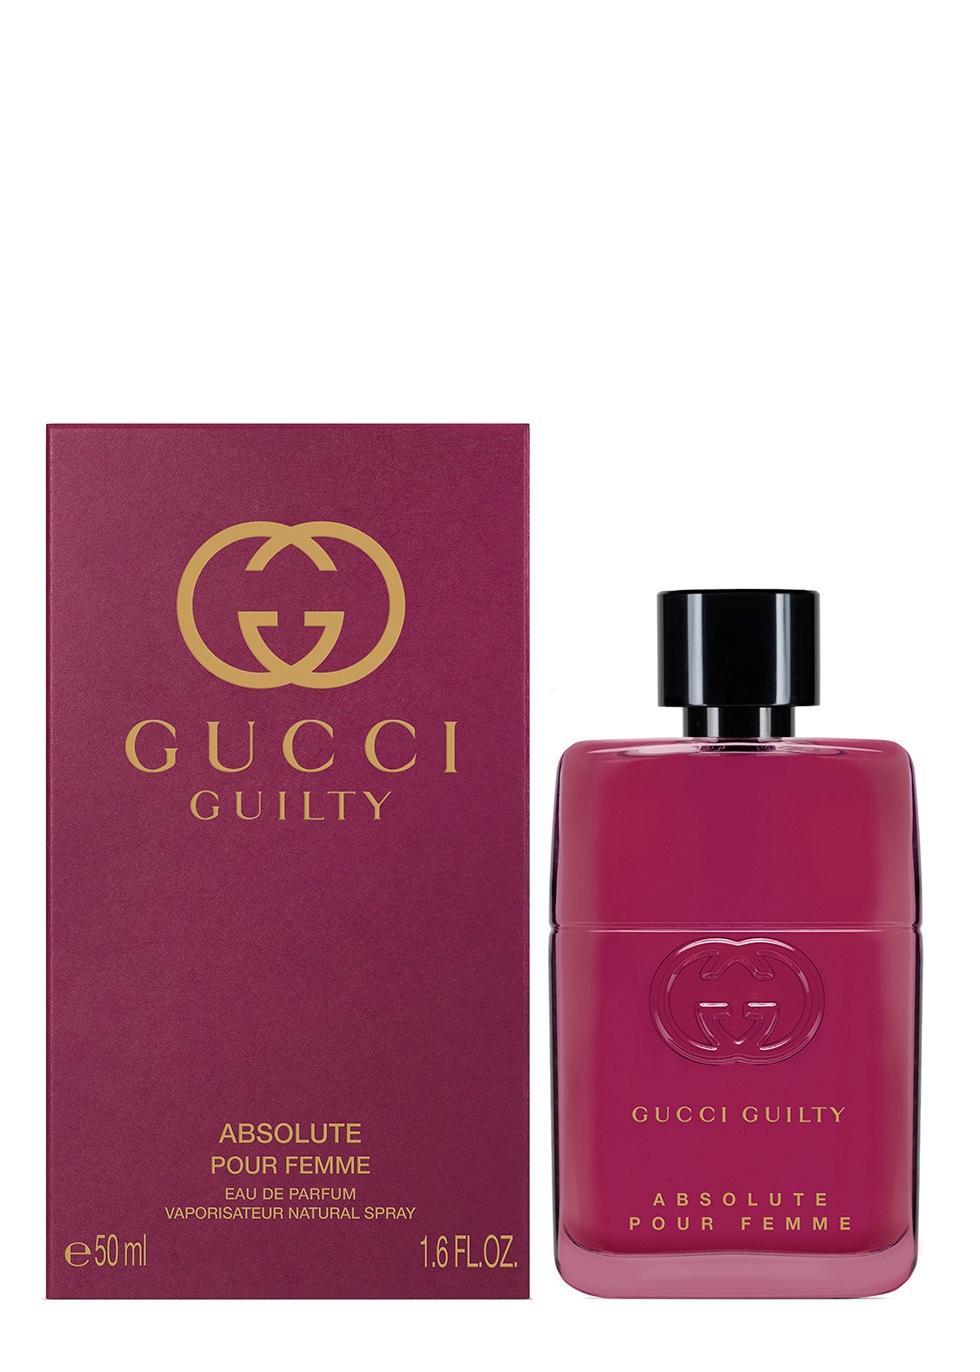 Gucci Guilty Absolute Pour Femme Eau De Parfum 50ml Harvey Nichols